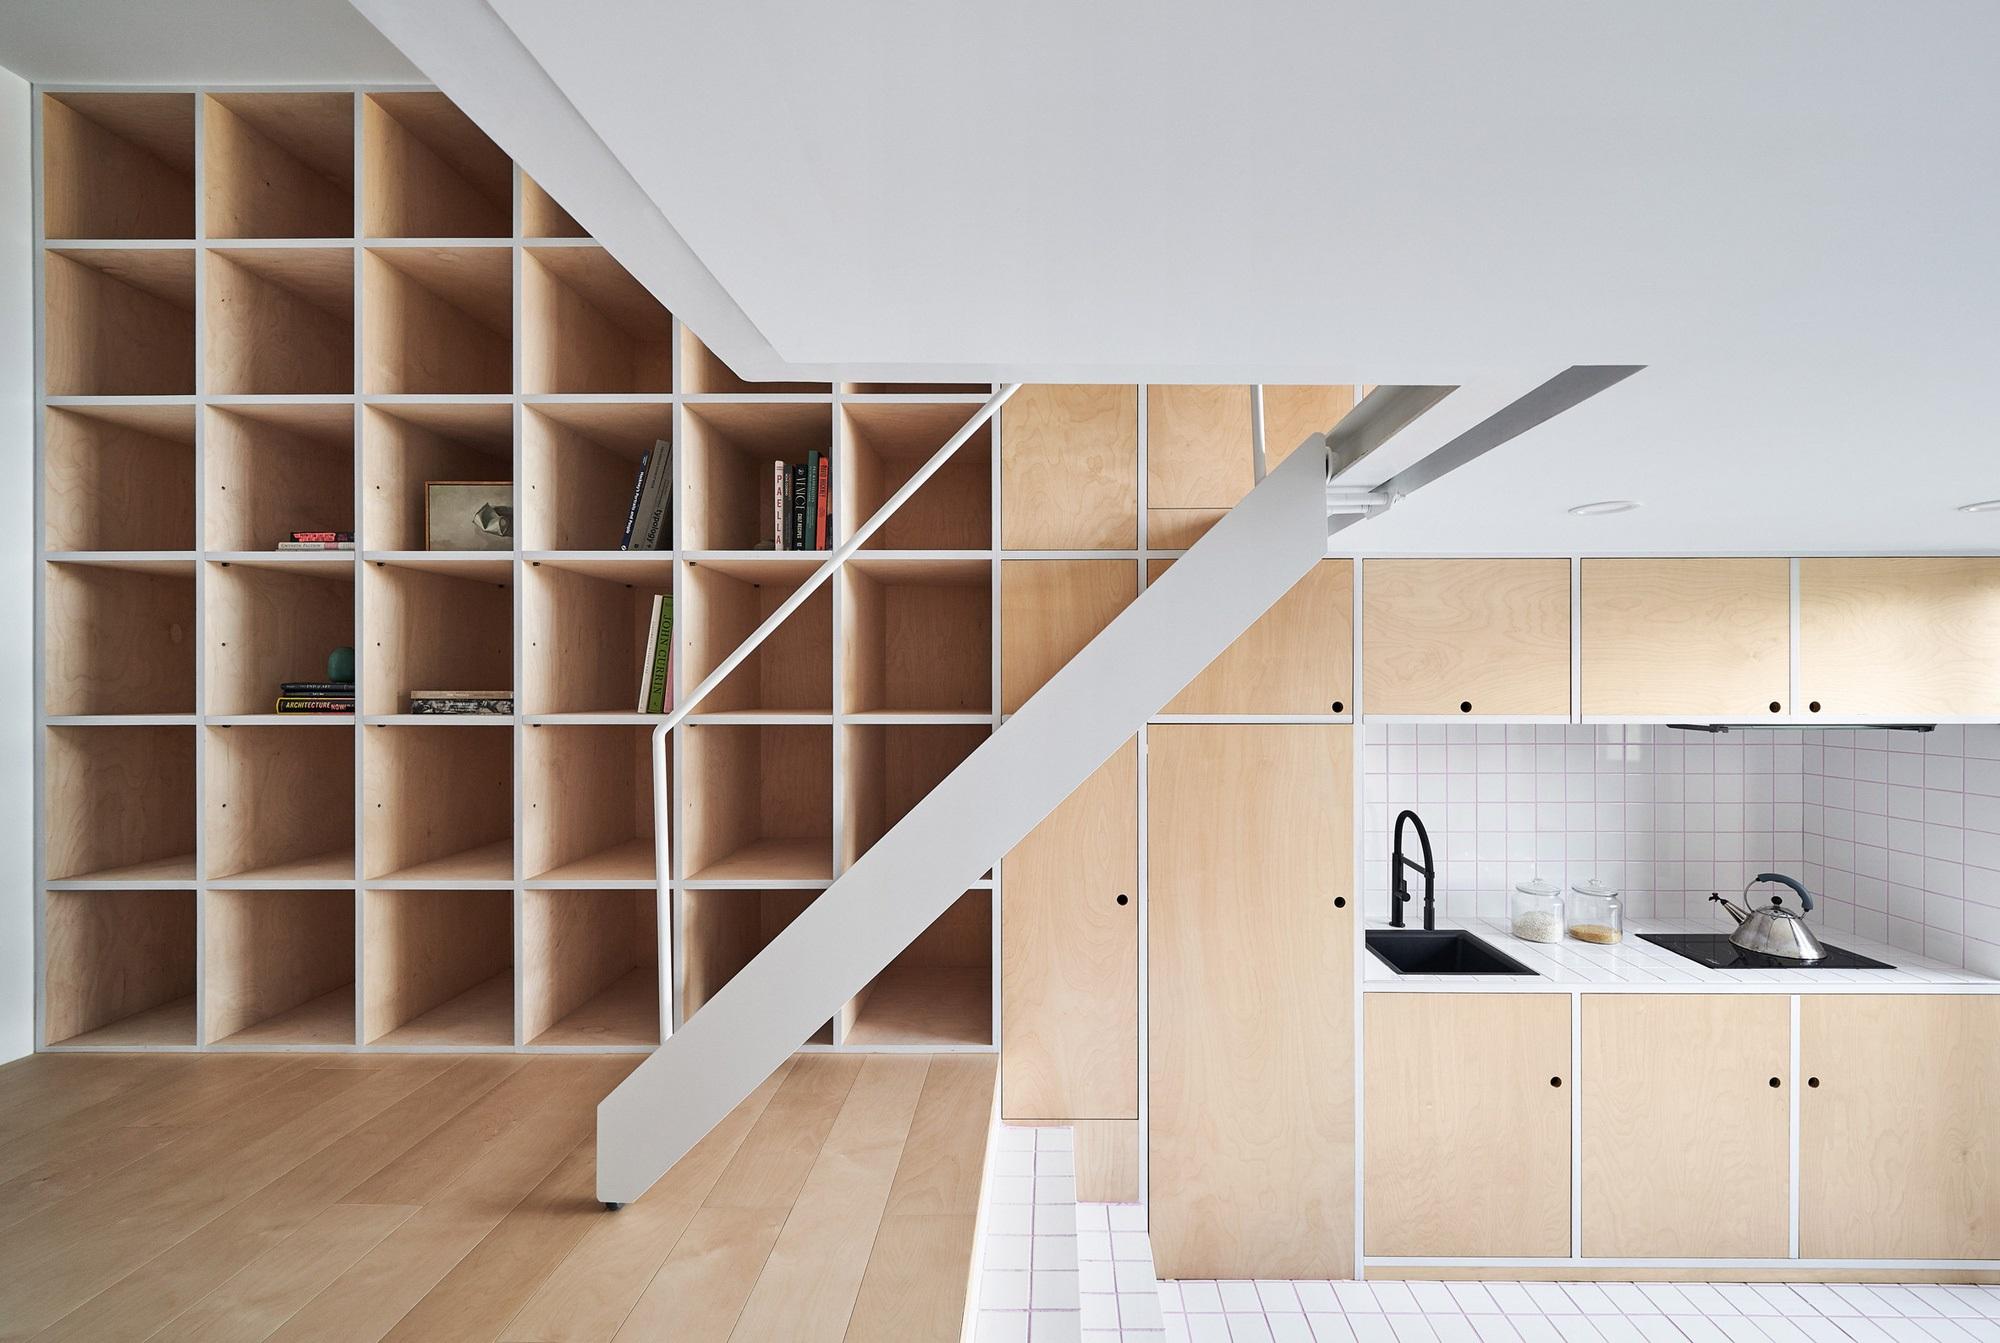 Căn hộ rộng 33m² siêu ấn tượng từ cách thiết kế đến bài trí nội thất - Ảnh 3